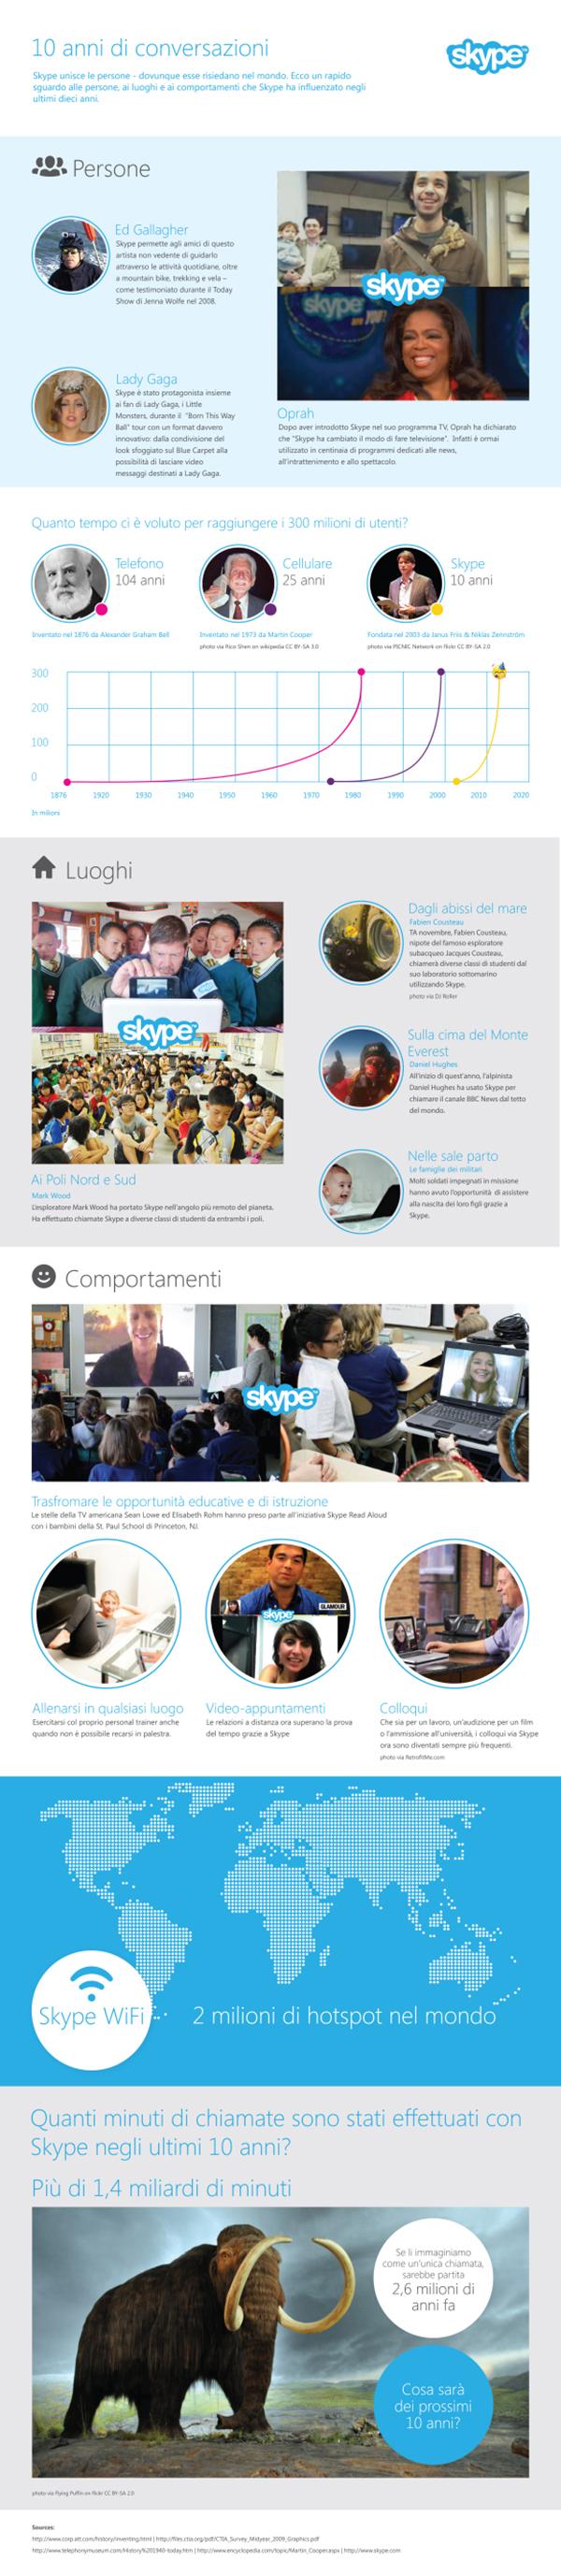 10 anni di Skype in infografica